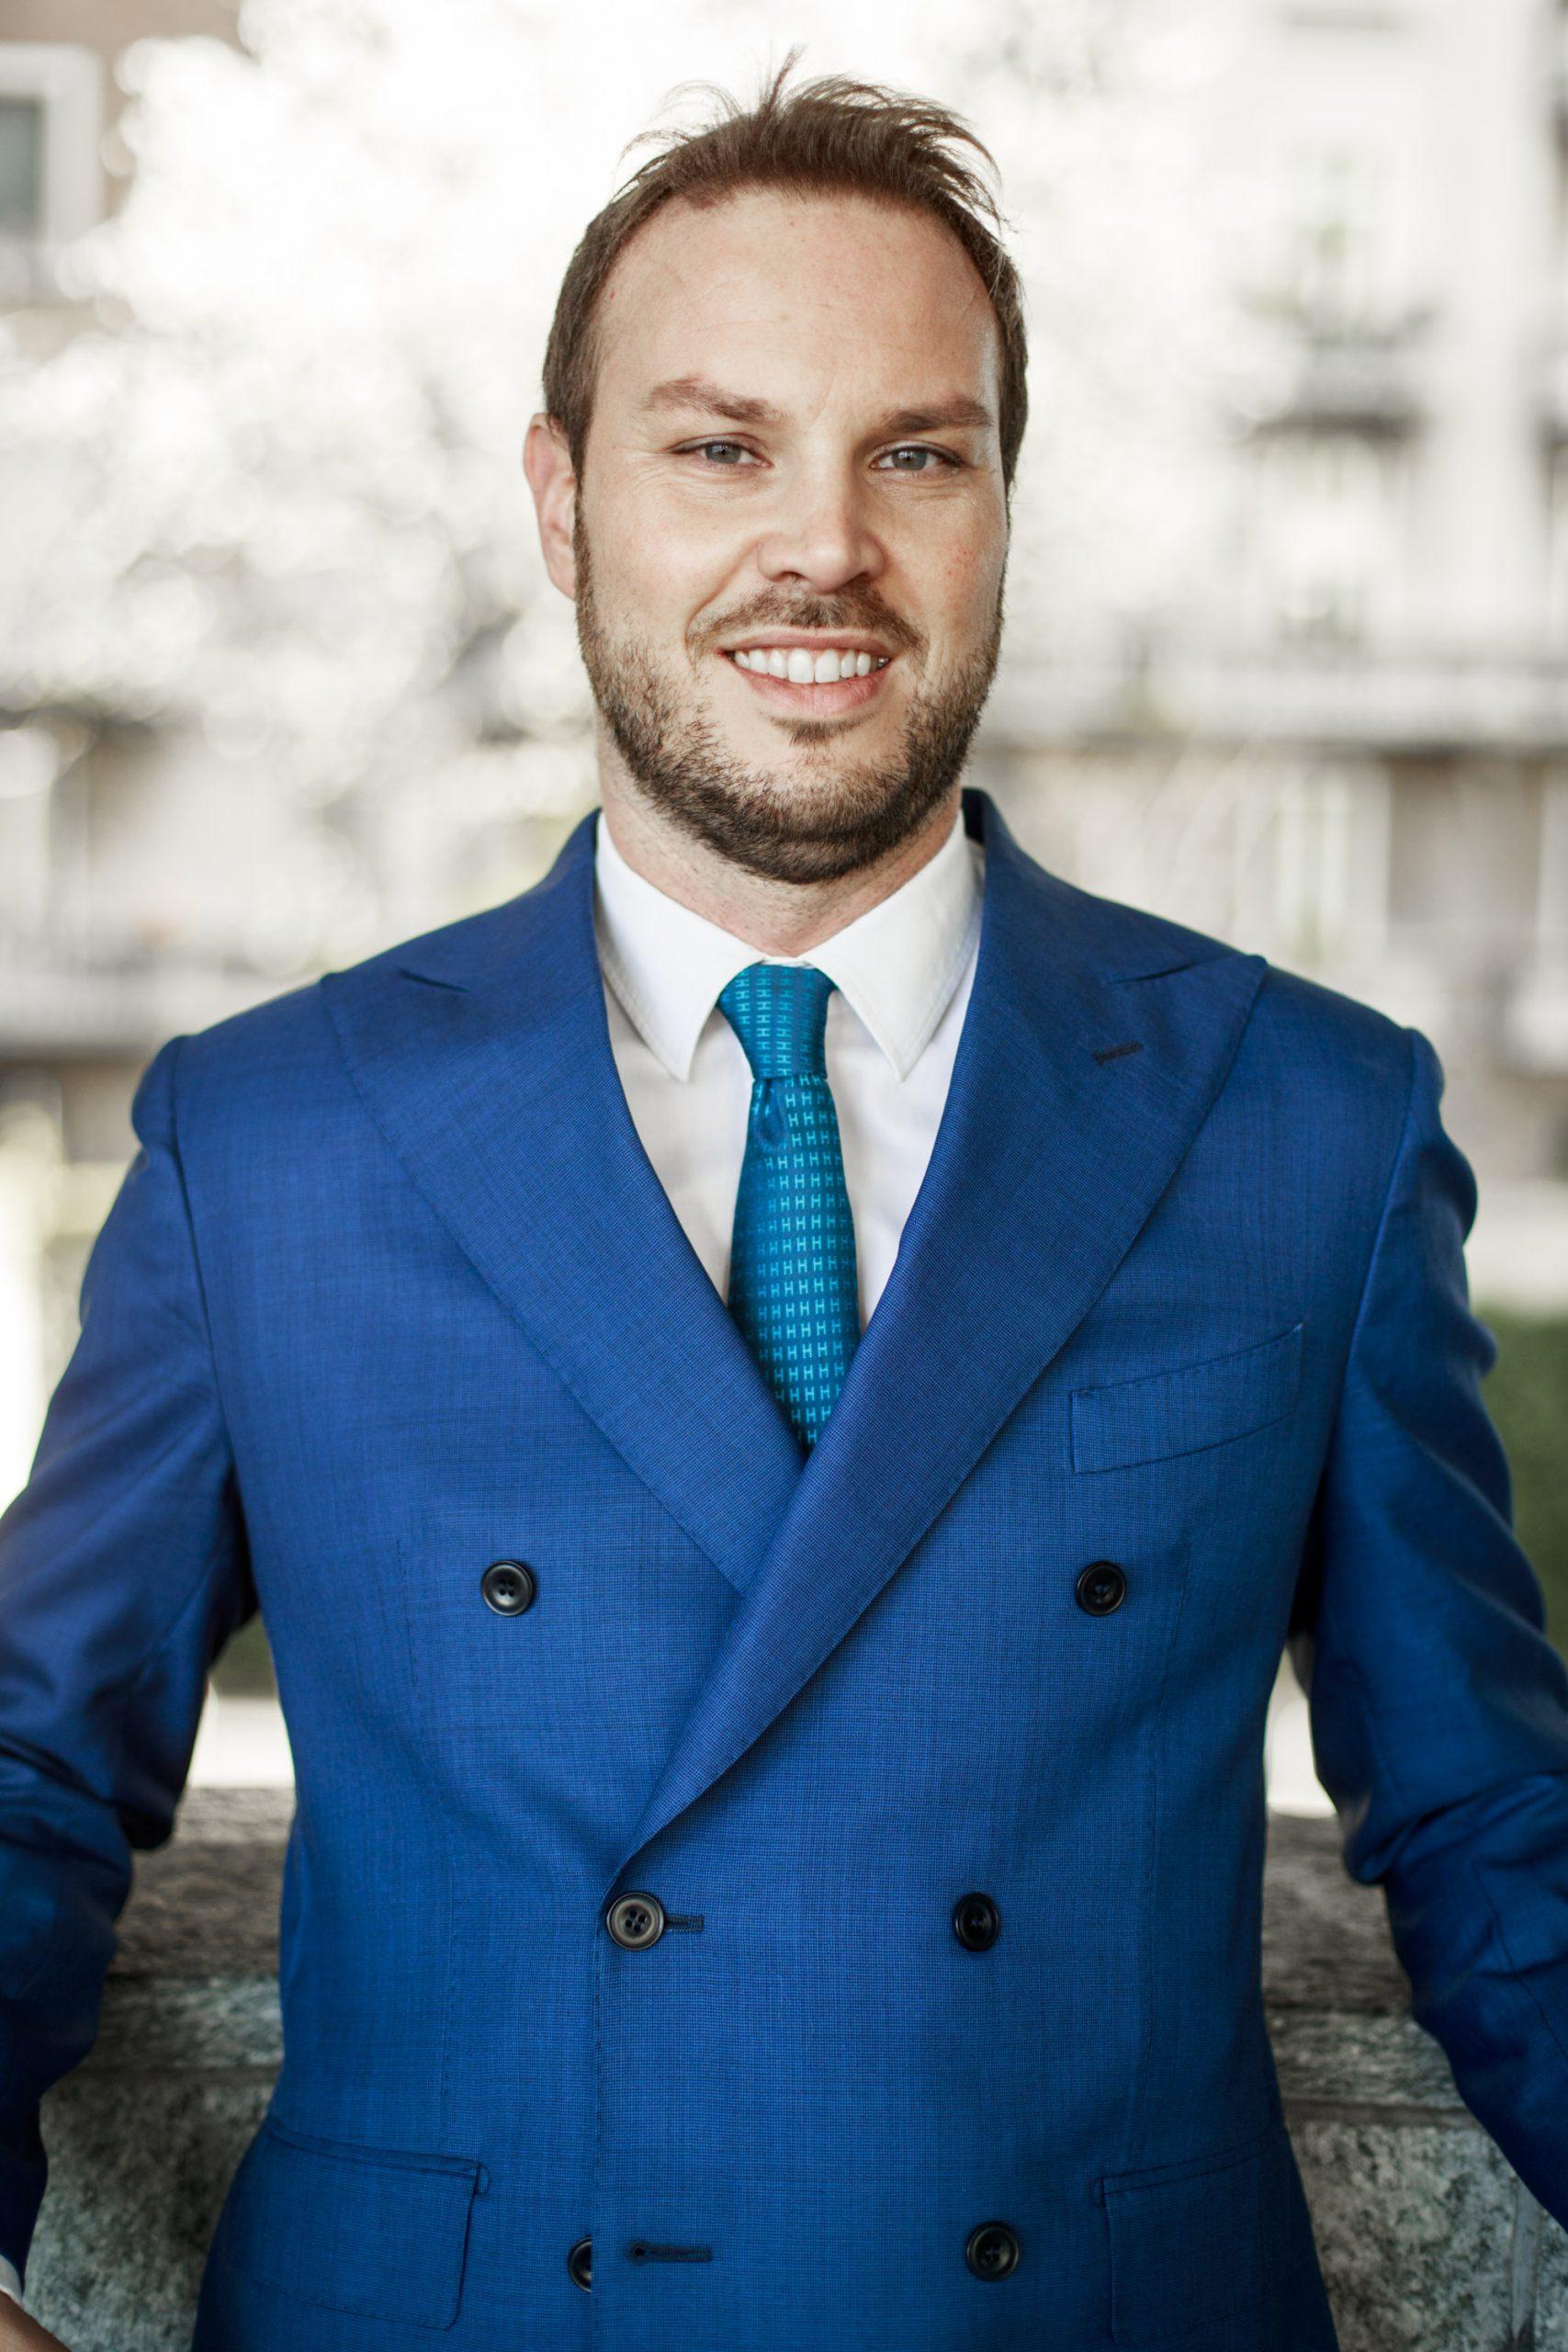 Stefano-Bettanin-presidente-Property-Managers-Italia-associazione-nazionale-di-categoria-del-turismo-residenziale-e-Ceo-di-Rentopolis-e-Shom